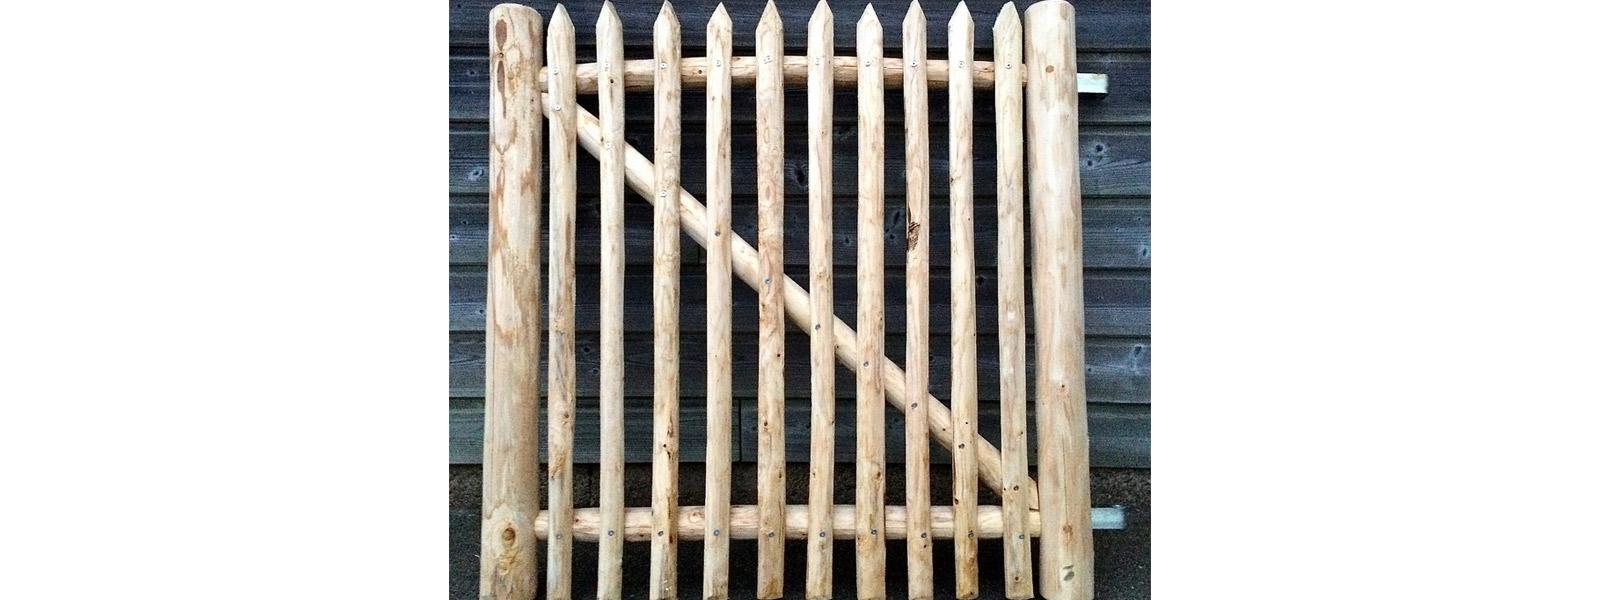 Portillons en bois de châtaignier - Idées bois et jardins